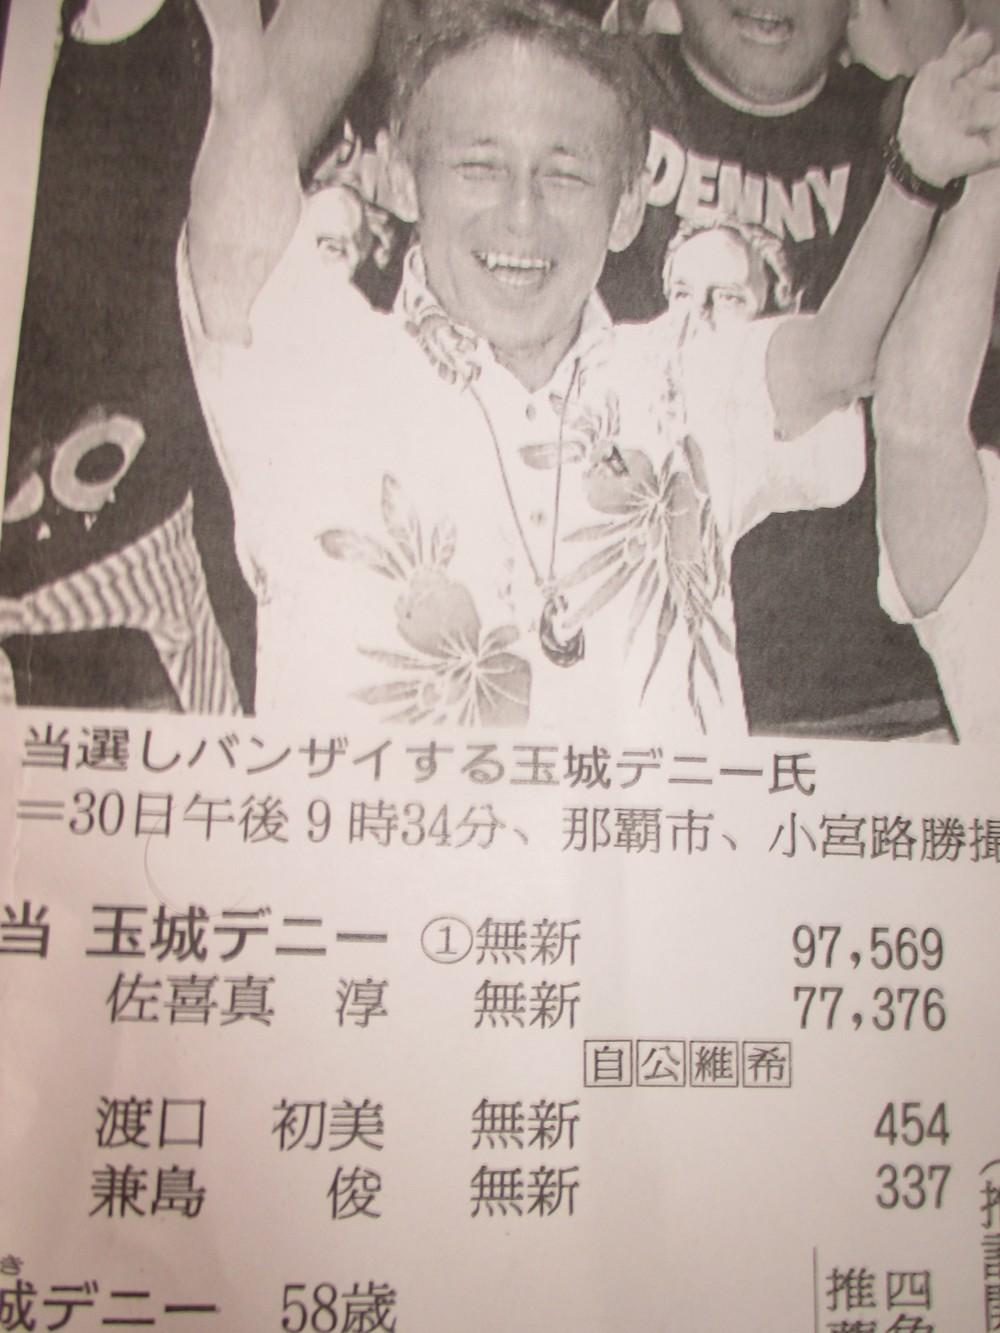 その64 首長選挙、党派を隠す「無所属」での立候補 「こんなものいらない!?」(岩城元)